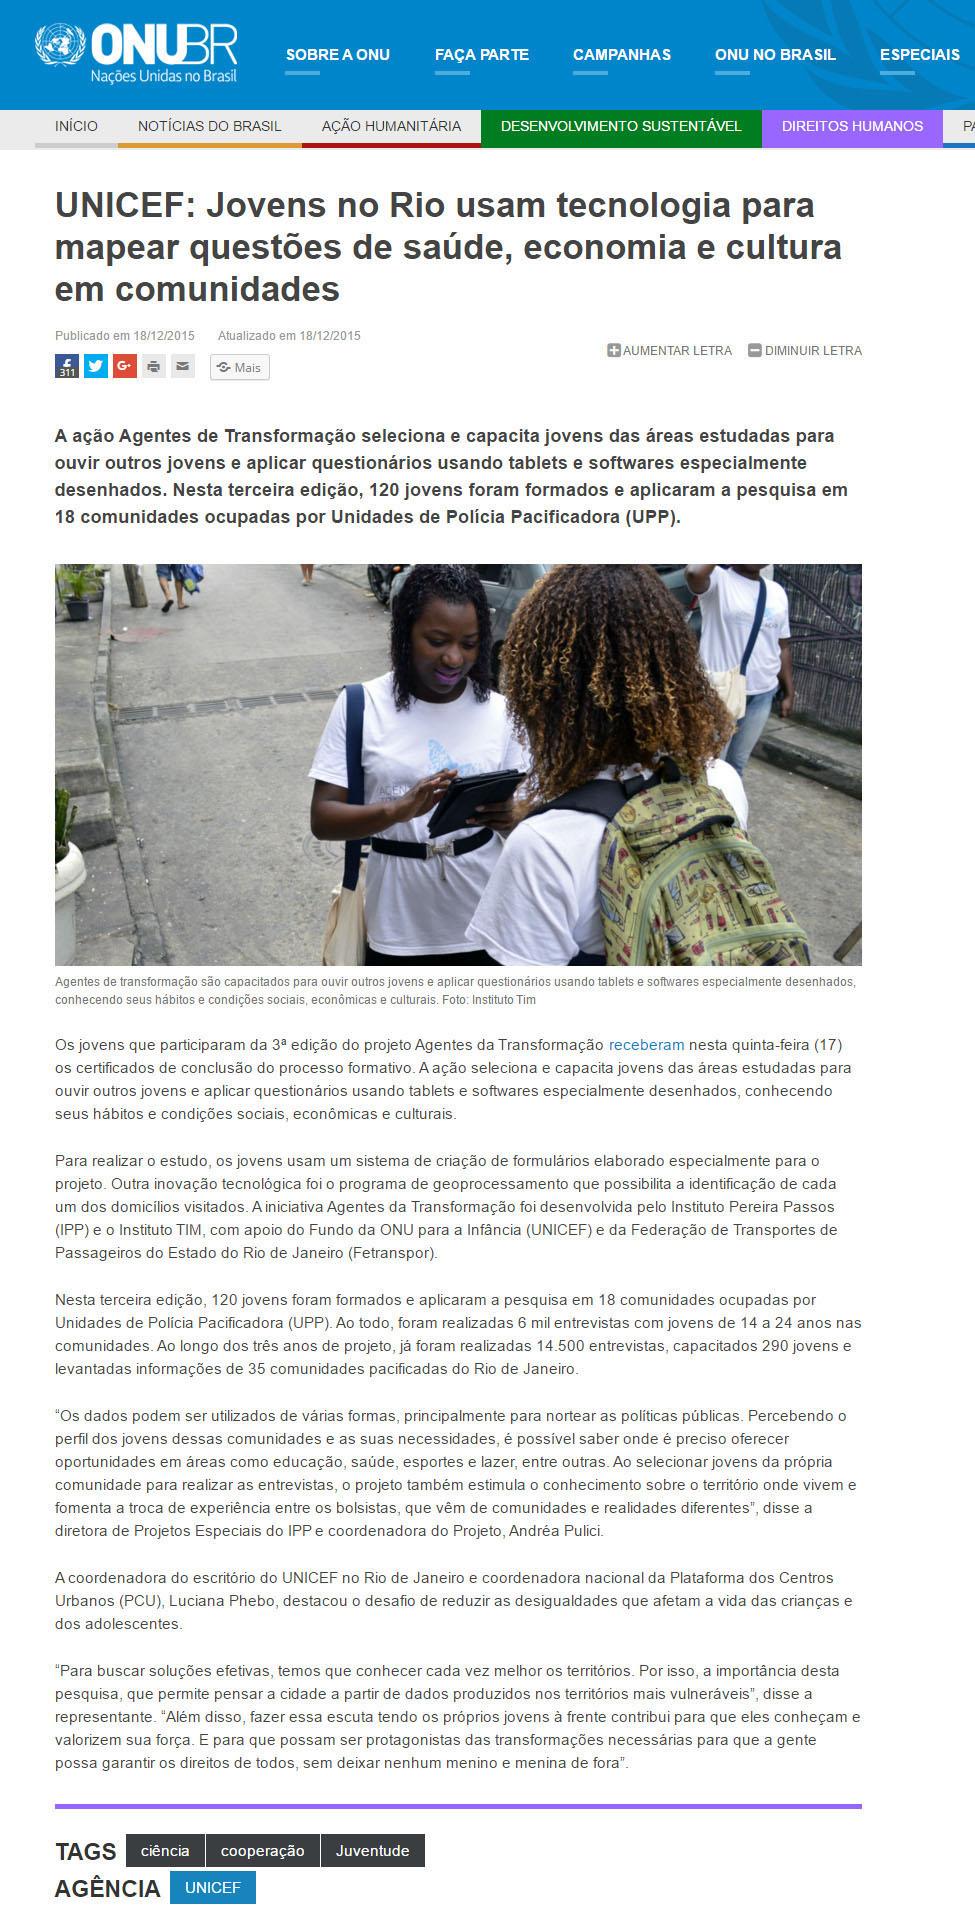 18_12_2015 UNICEF  Jovens no Rio usam tecnologia para mapear questões de saúde  economia e cultura em comunidades   ONU Brasil, editado